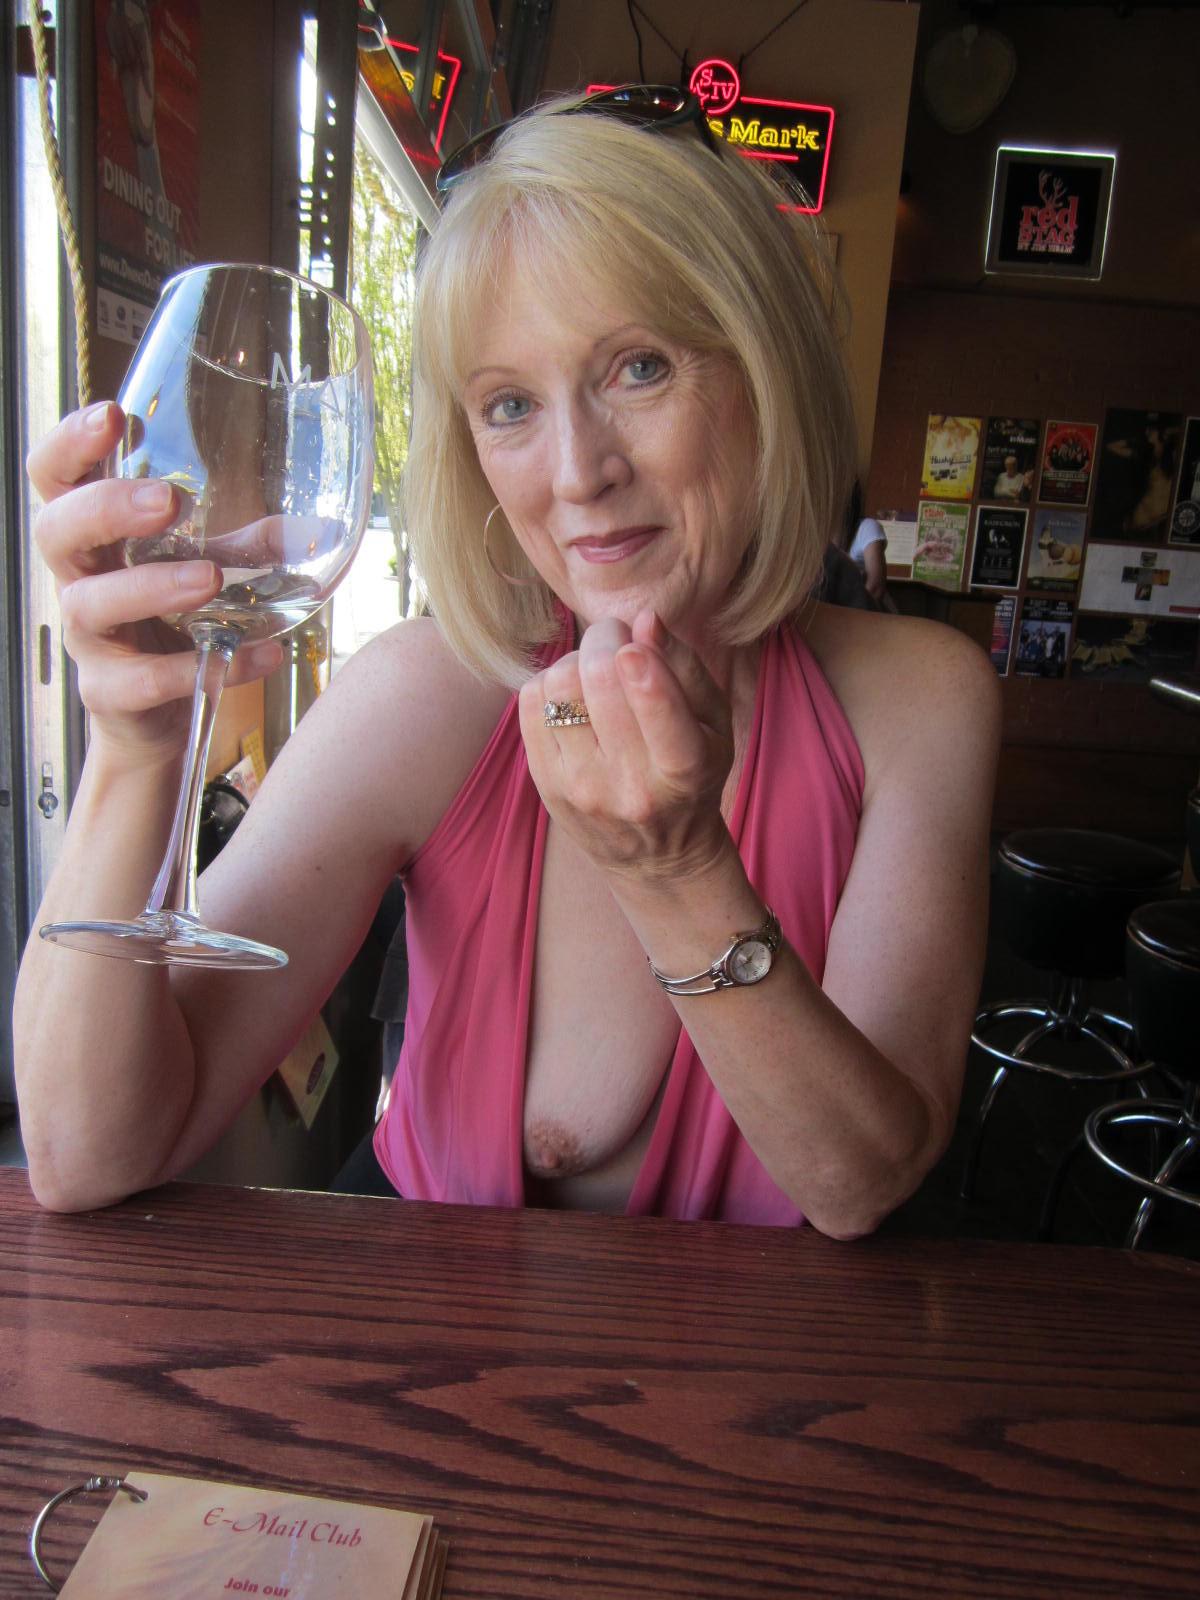 Mage granny porn nude picture